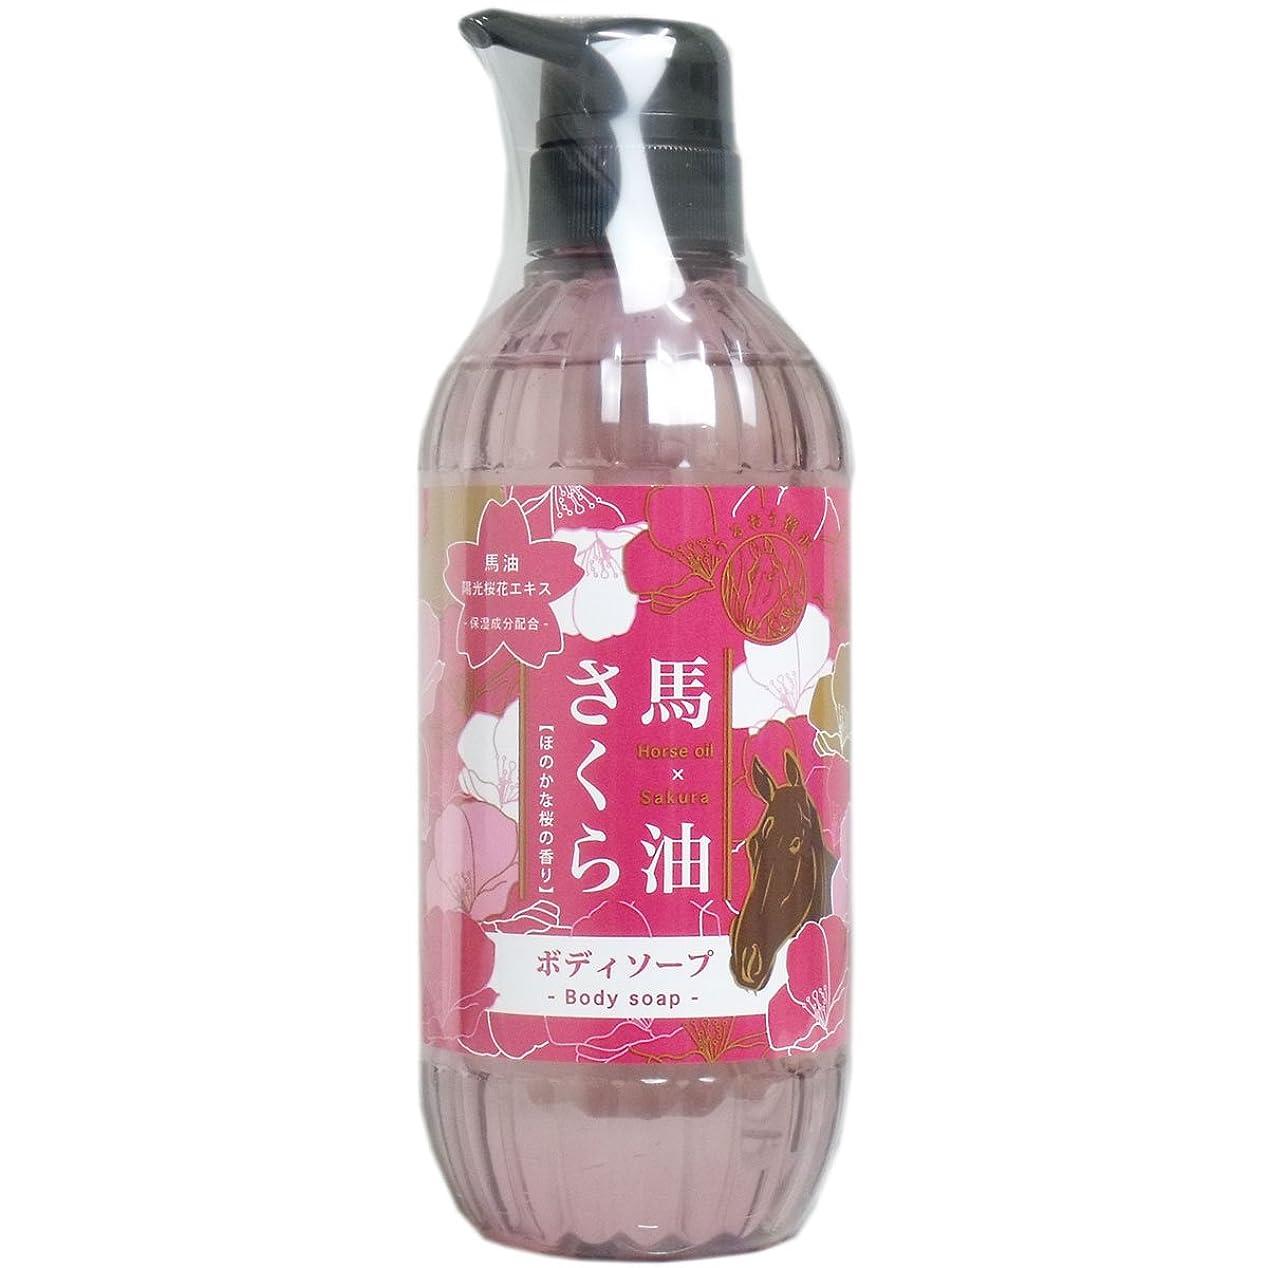 ペナルティ反対に強盗馬油さくら ボディソープ ほのかな桜の香り 500mL